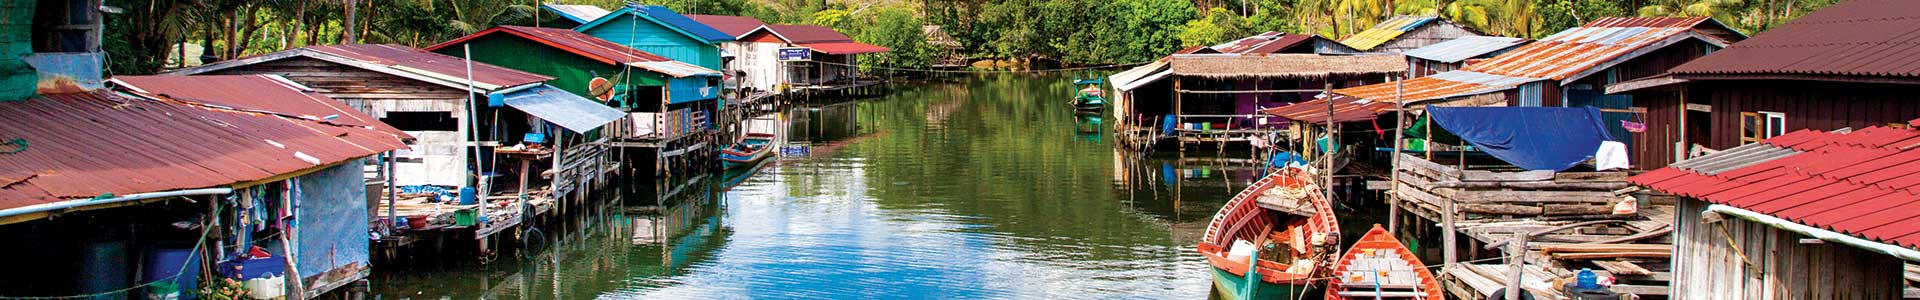 Voyage au Cambodge - TUI